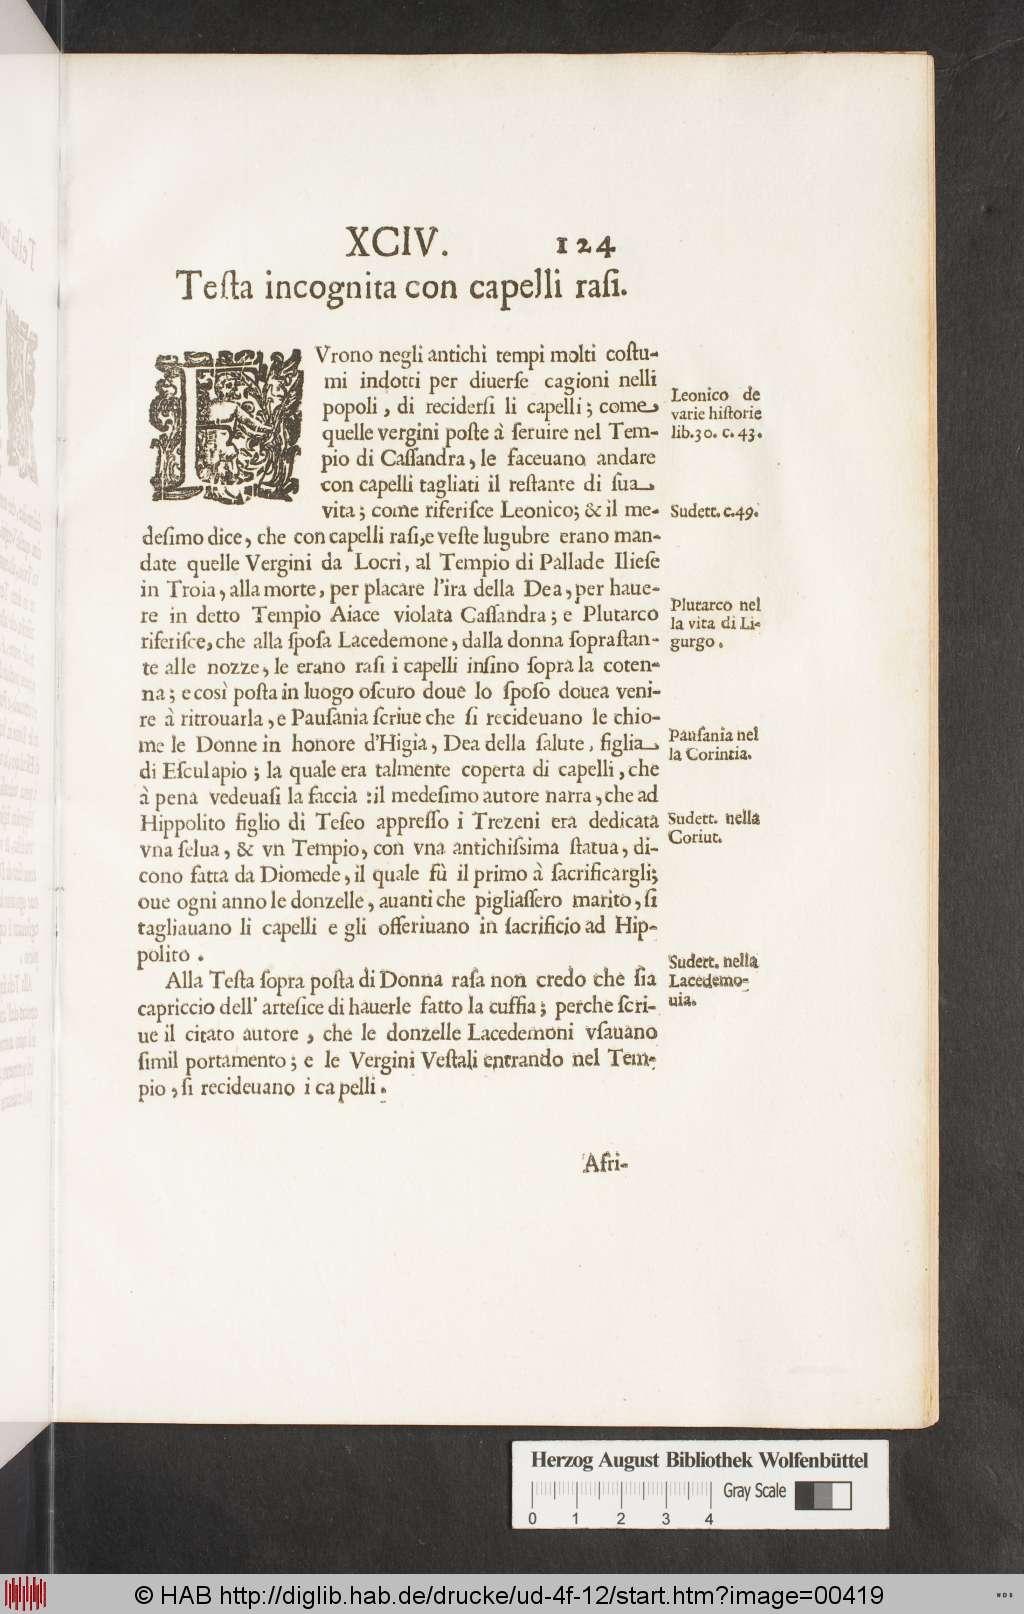 http://diglib.hab.de/drucke/ud-4f-12/00419.jpg